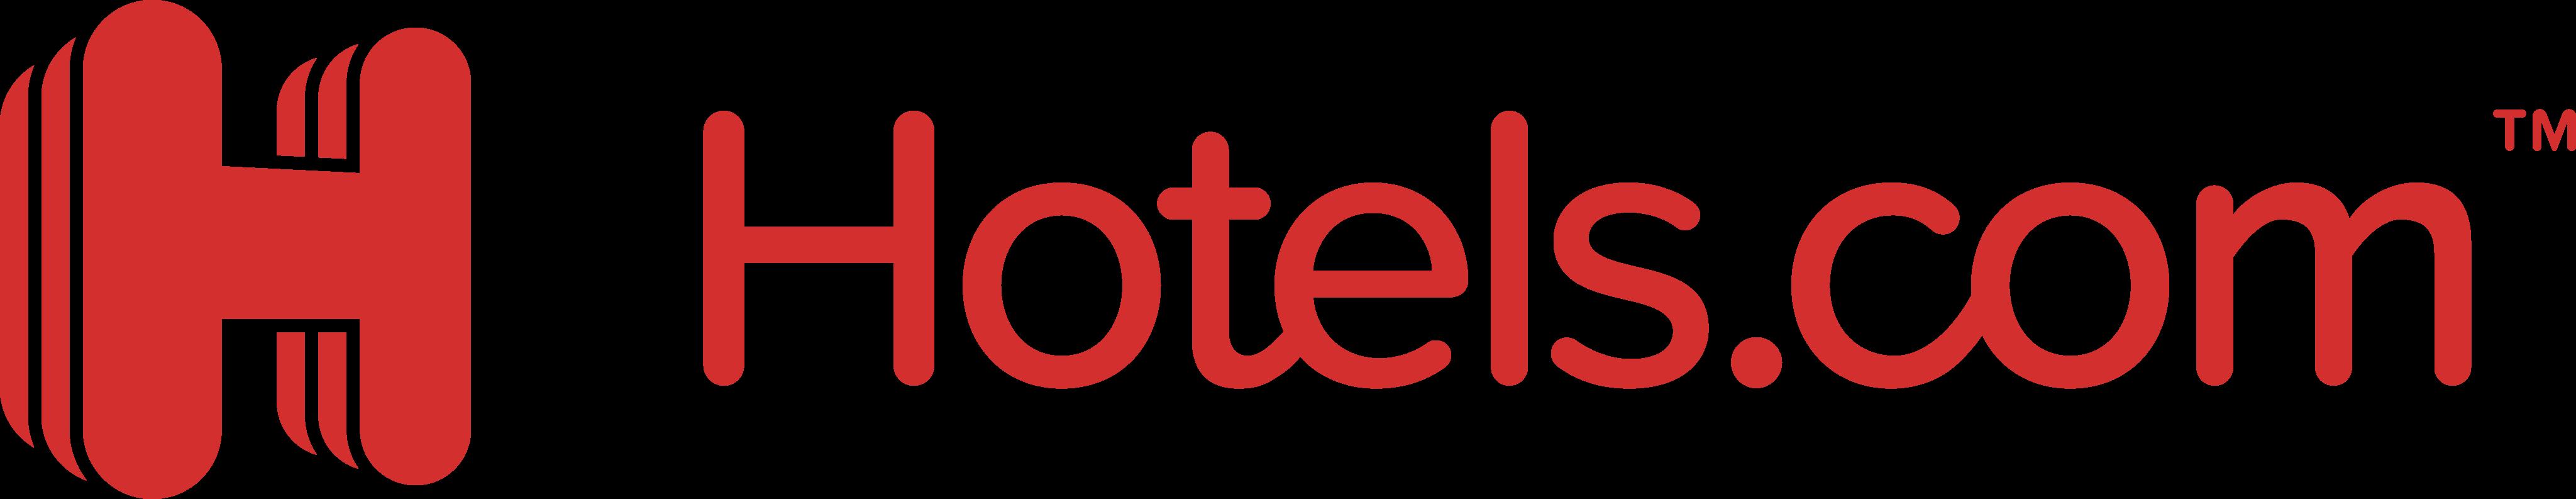 hotels.com logo - Hotels.com Logo